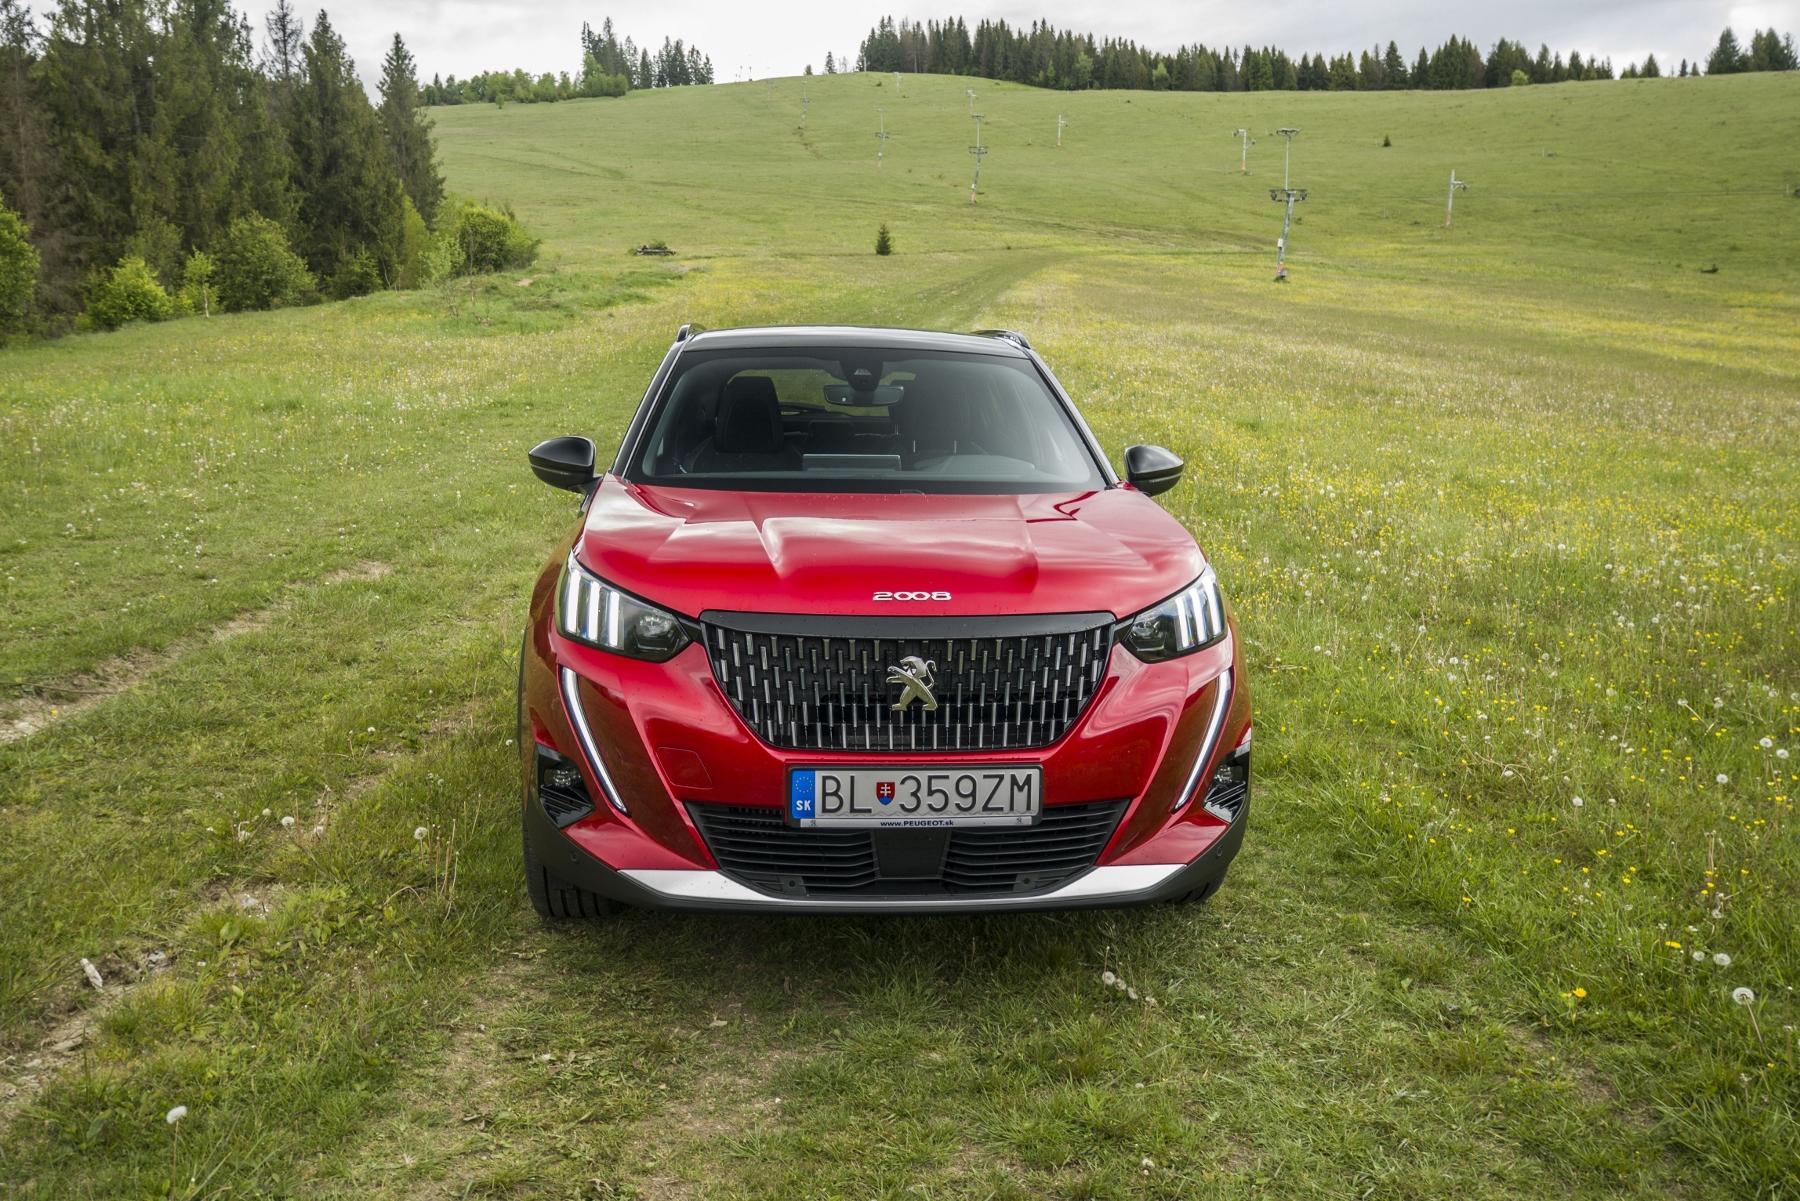 Test: Peugeot 2008 GT ohuruje silným trojvalcom a dobrou prevodovkou ghBKVSt8Ng peugeot-2008-7